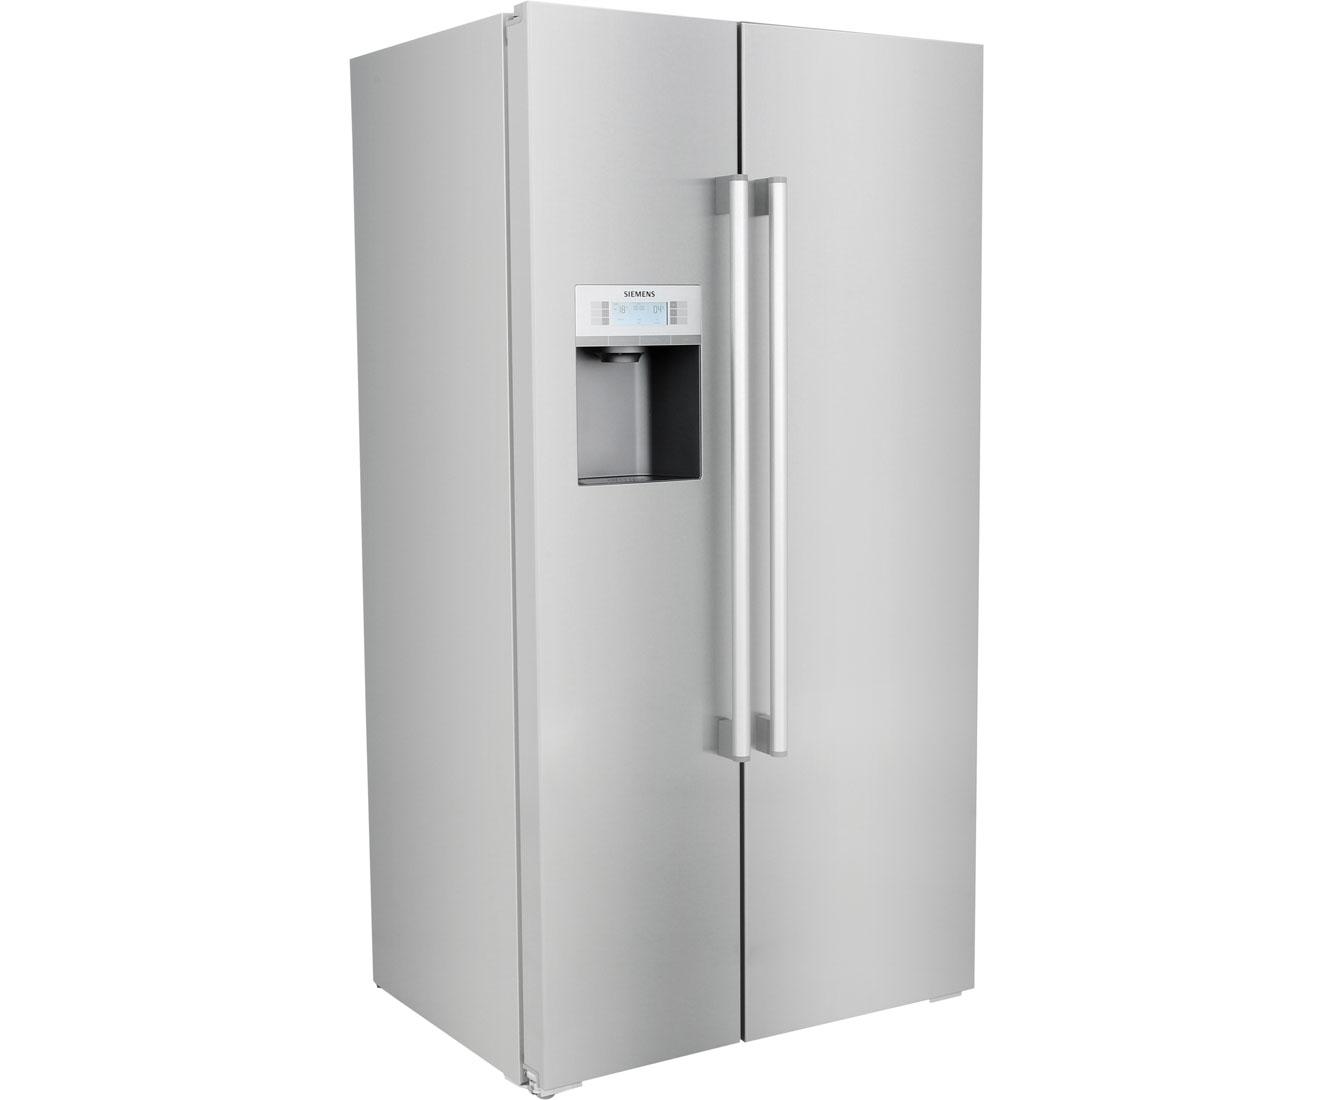 Siemens Kühlschrank Coolbox : Siemens iq ka dai amerikanischer side by side mit